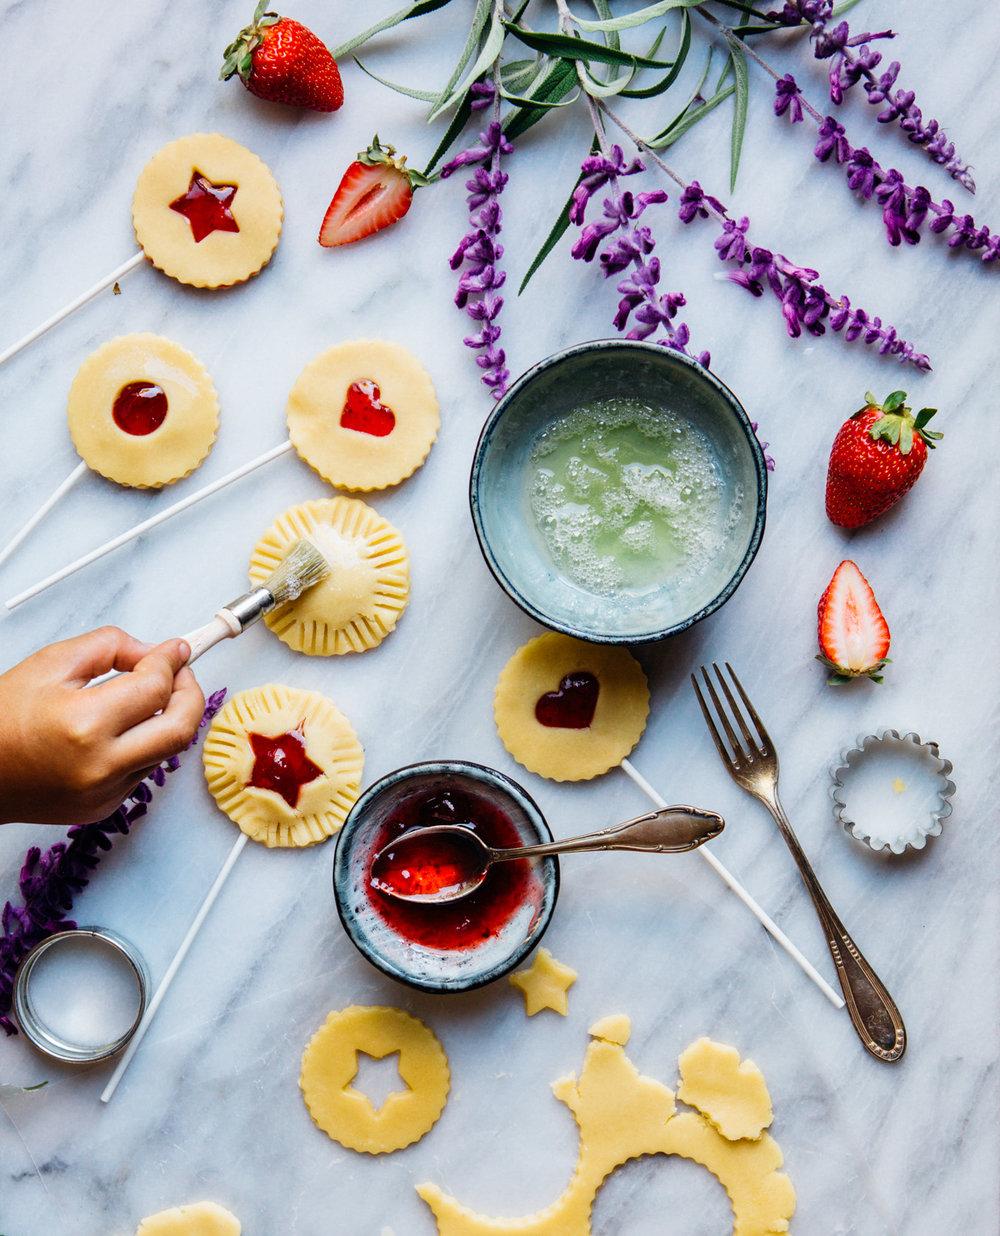 Pie pops by Madeline Lu - www.madelinelu.com / @lumadeline